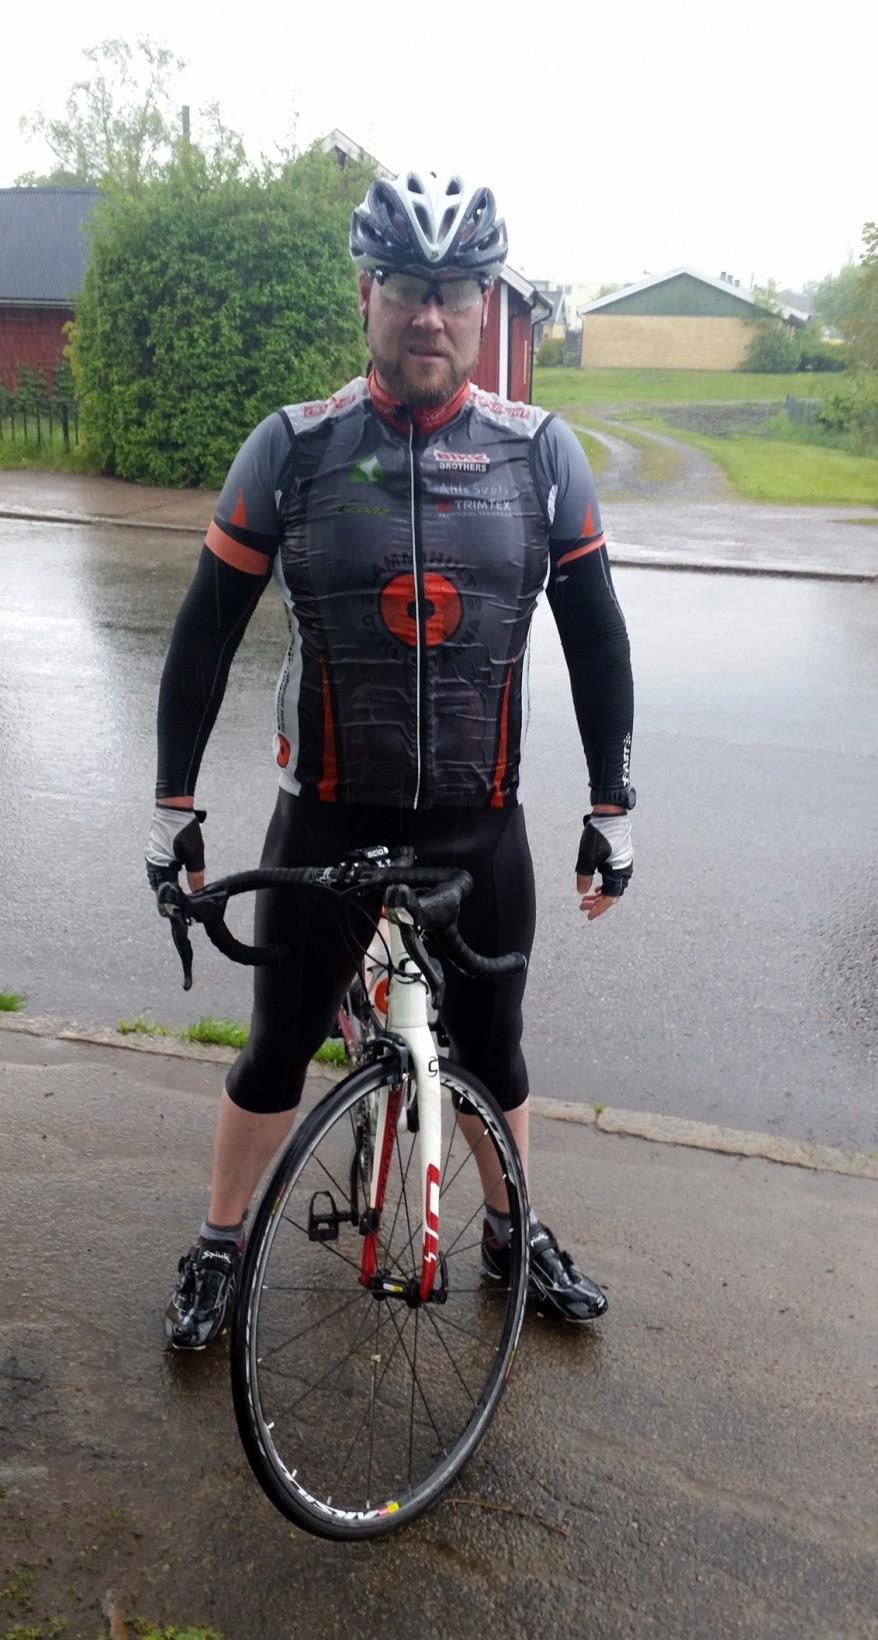 Föga smickrande bild. Men efter 120 km i regn ser jag ut så